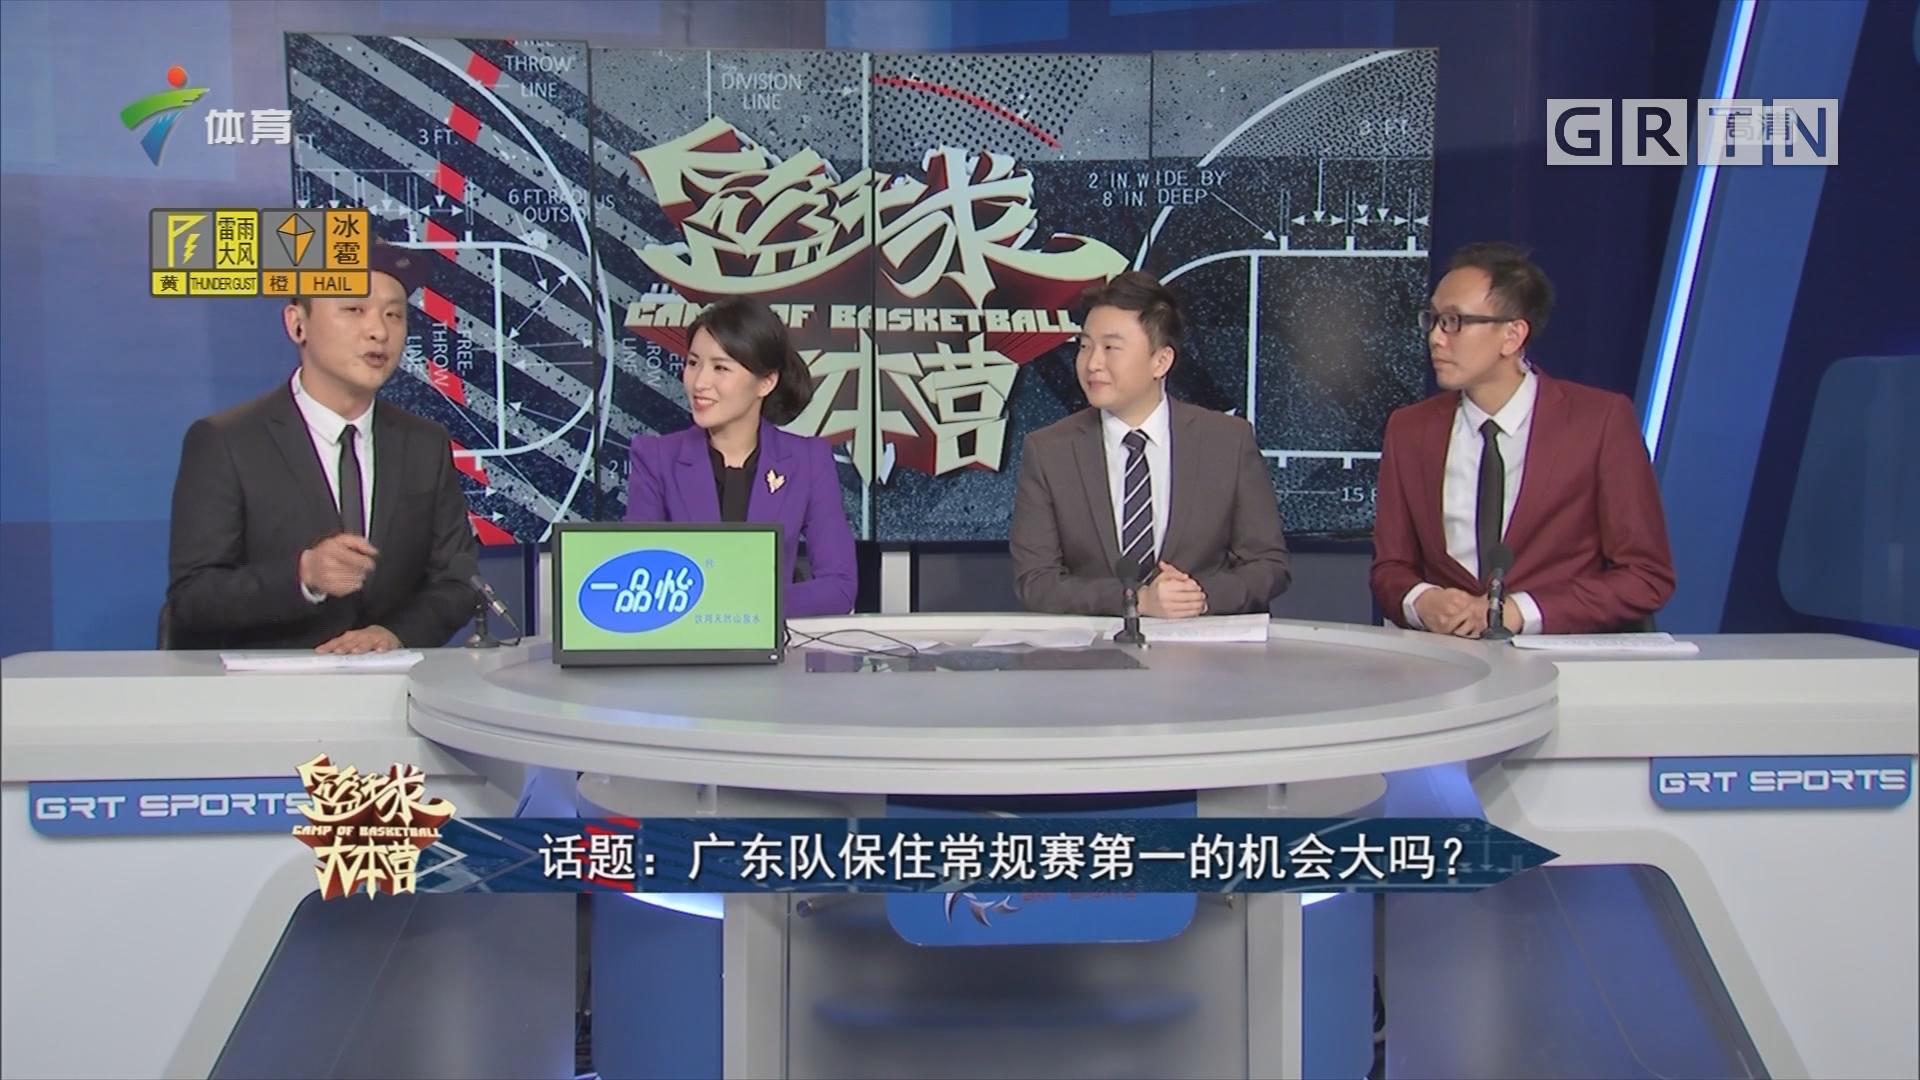 话题:广东队保住常规赛第一的机会大吗?